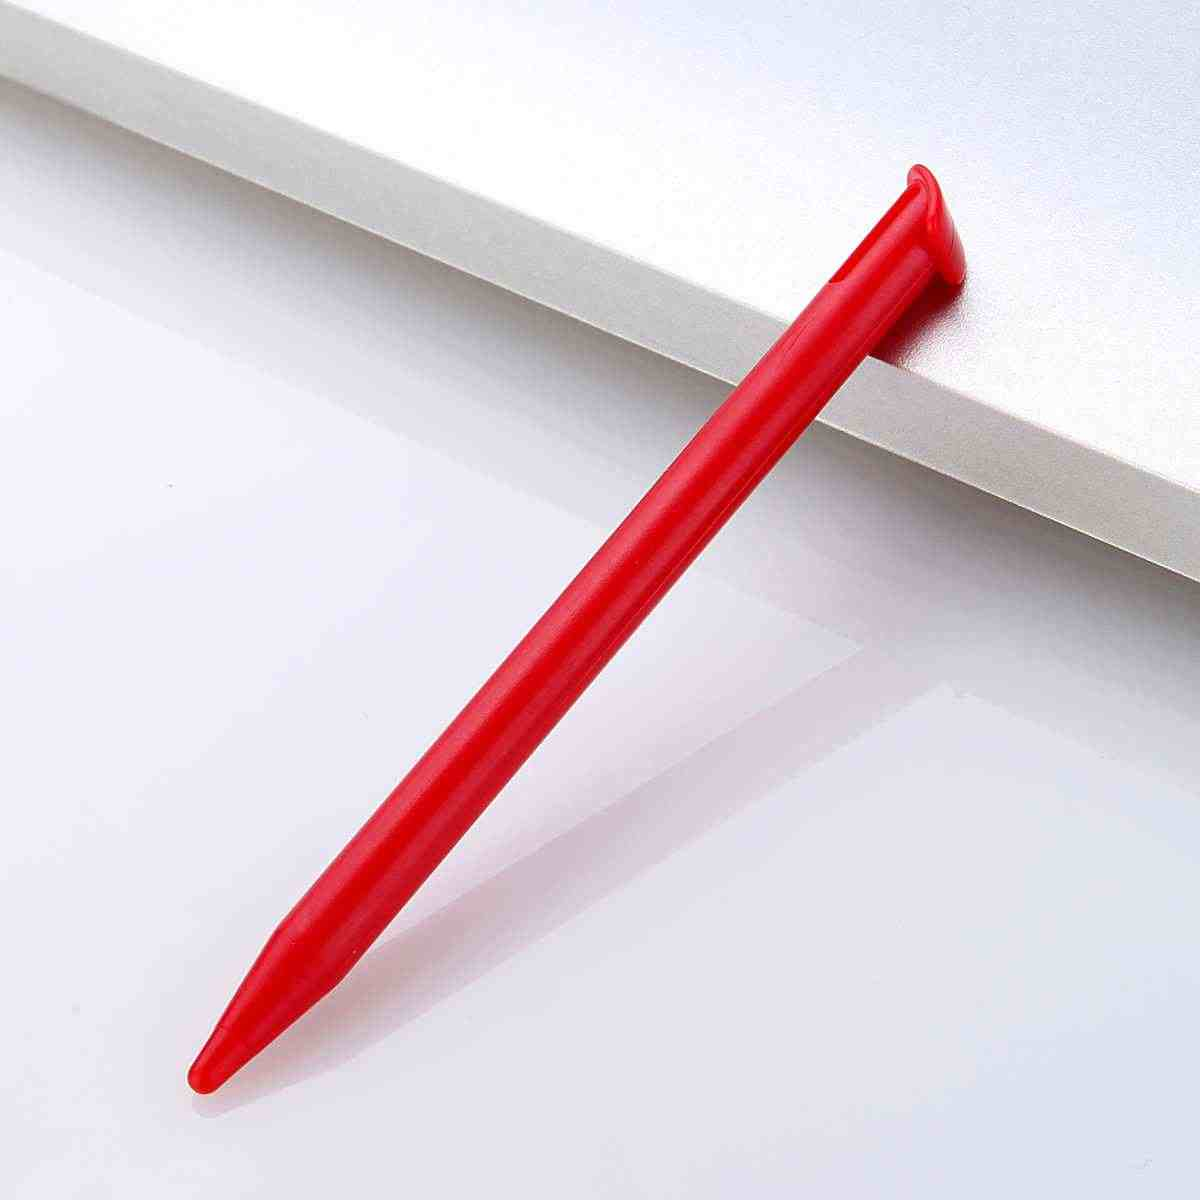 Merah/Biru/Hitam Kompak Layar Sentuh Plastik PC Pena Stylus untuk Nin Sepuluh Melakukan Baru 3DS XL/ LL Plastik Sentuhan Halus